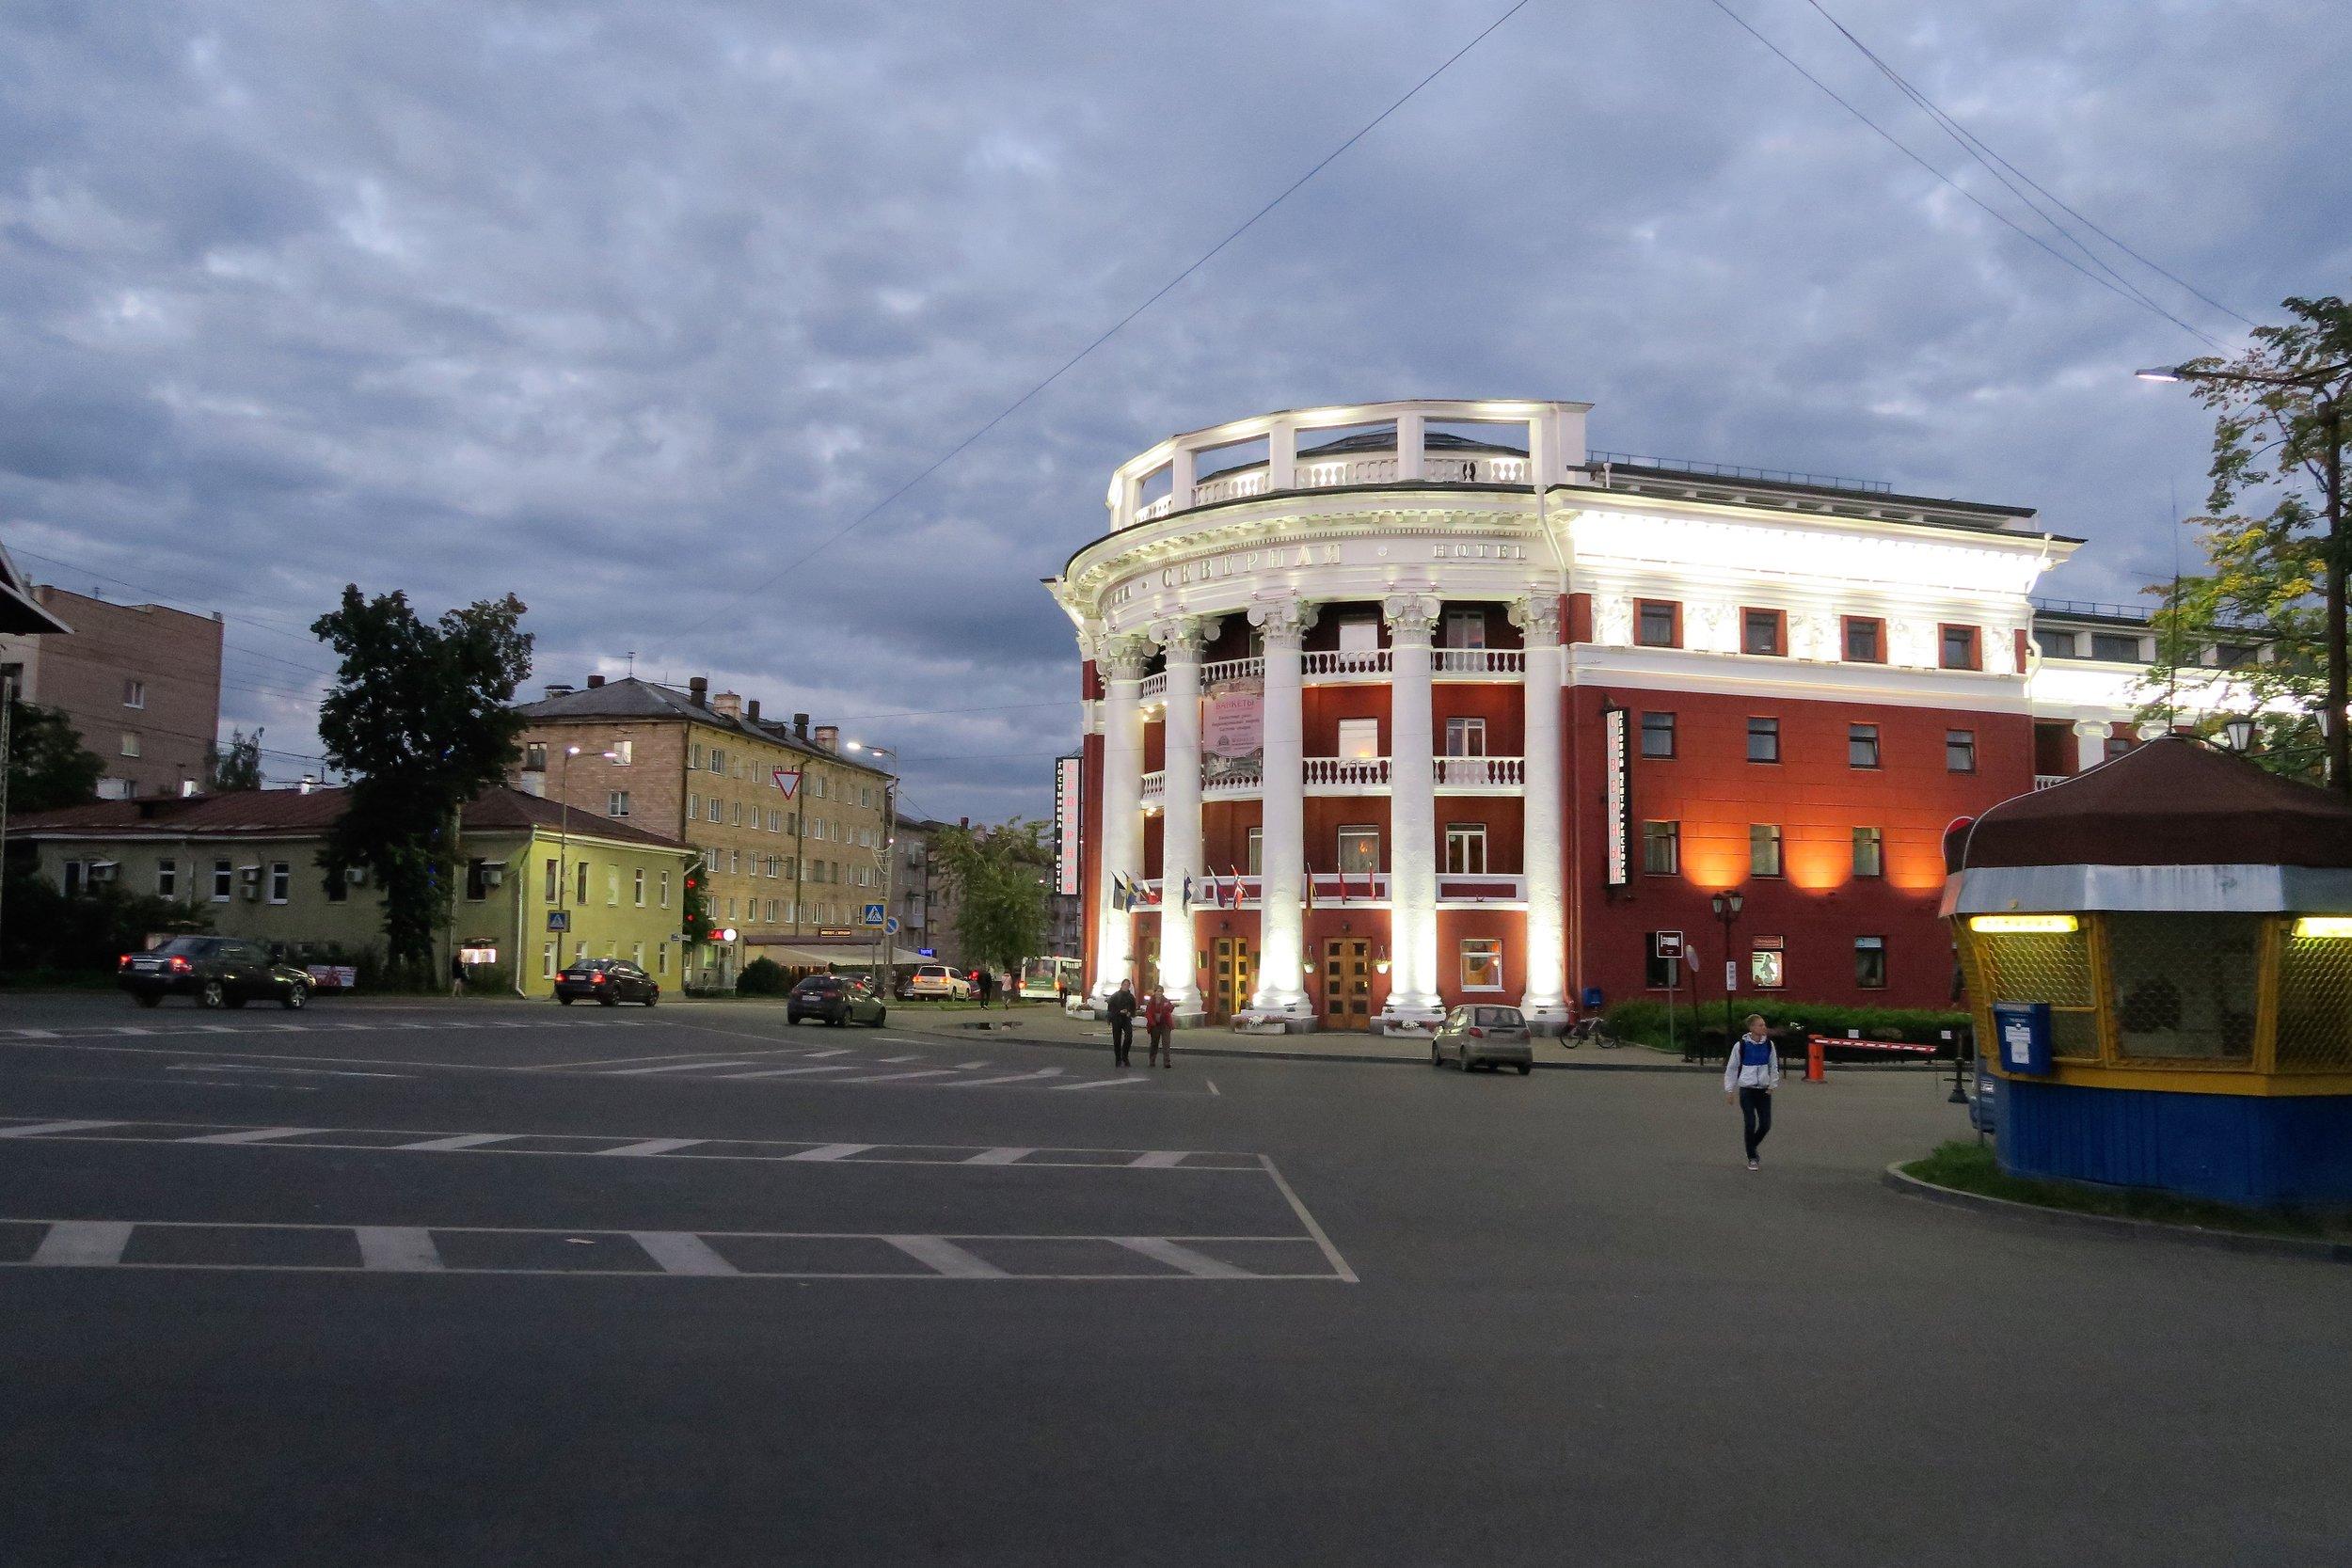 """Majoiduttiin keskustassa """"Pohjola"""" hotellissa - hyvät huonet, sijainti ja vartioitu parkkipaikka mopoille... Vieressä on myös erinomainen Karjalan keittiöön pohjautuvaa ravintola..."""